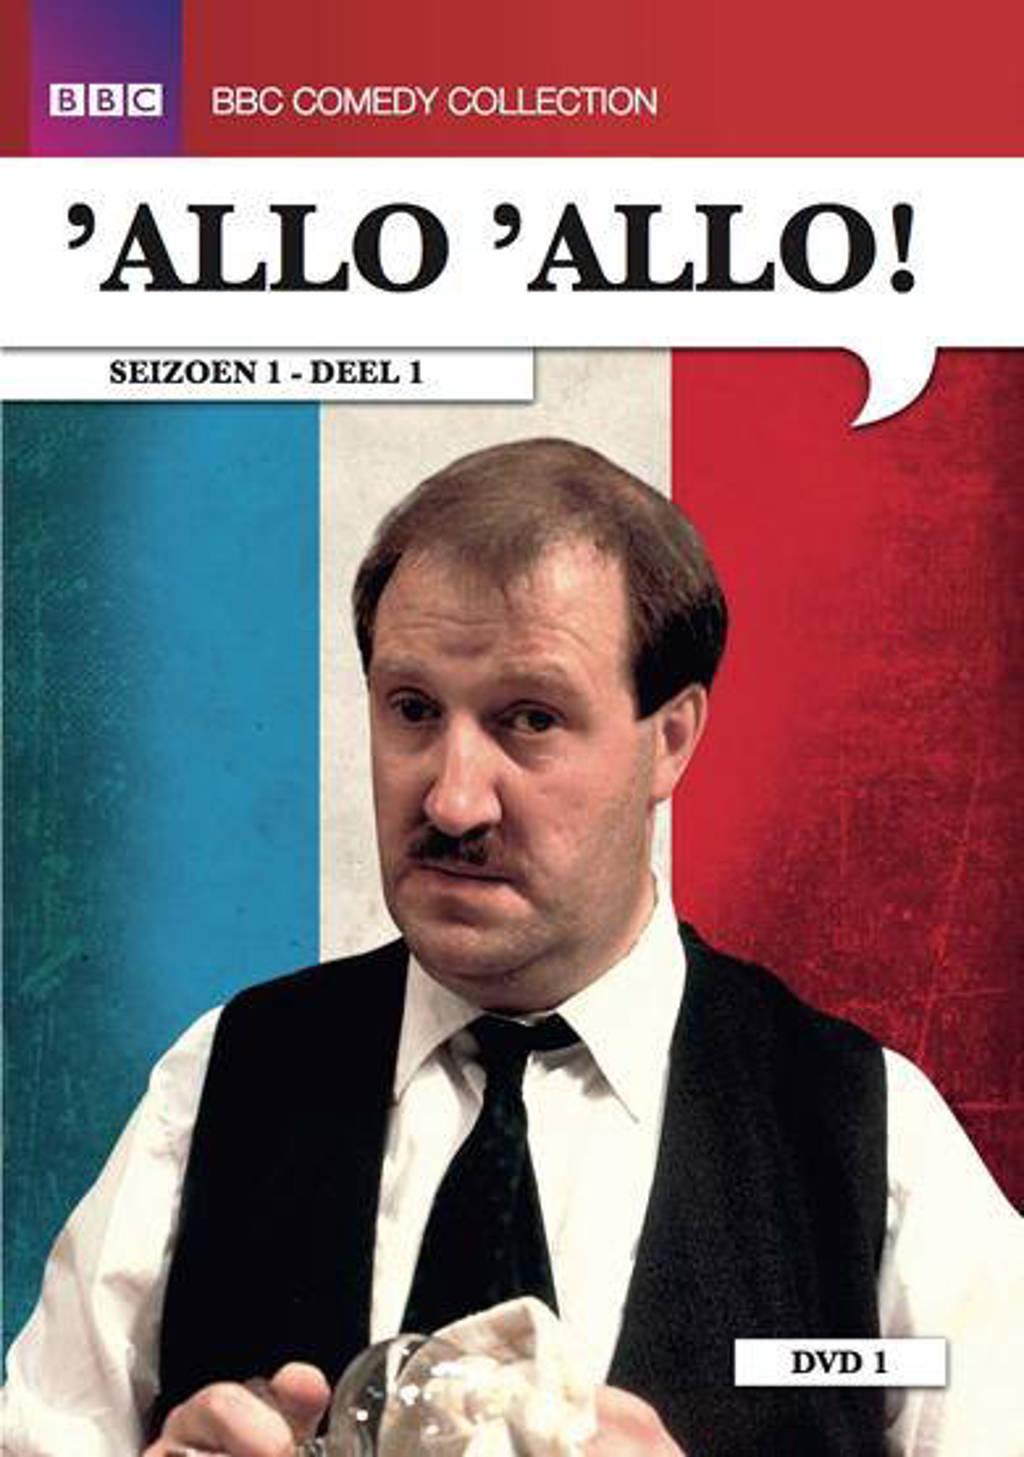 Allo allo - Seizoen 1 deel 1 (DVD)